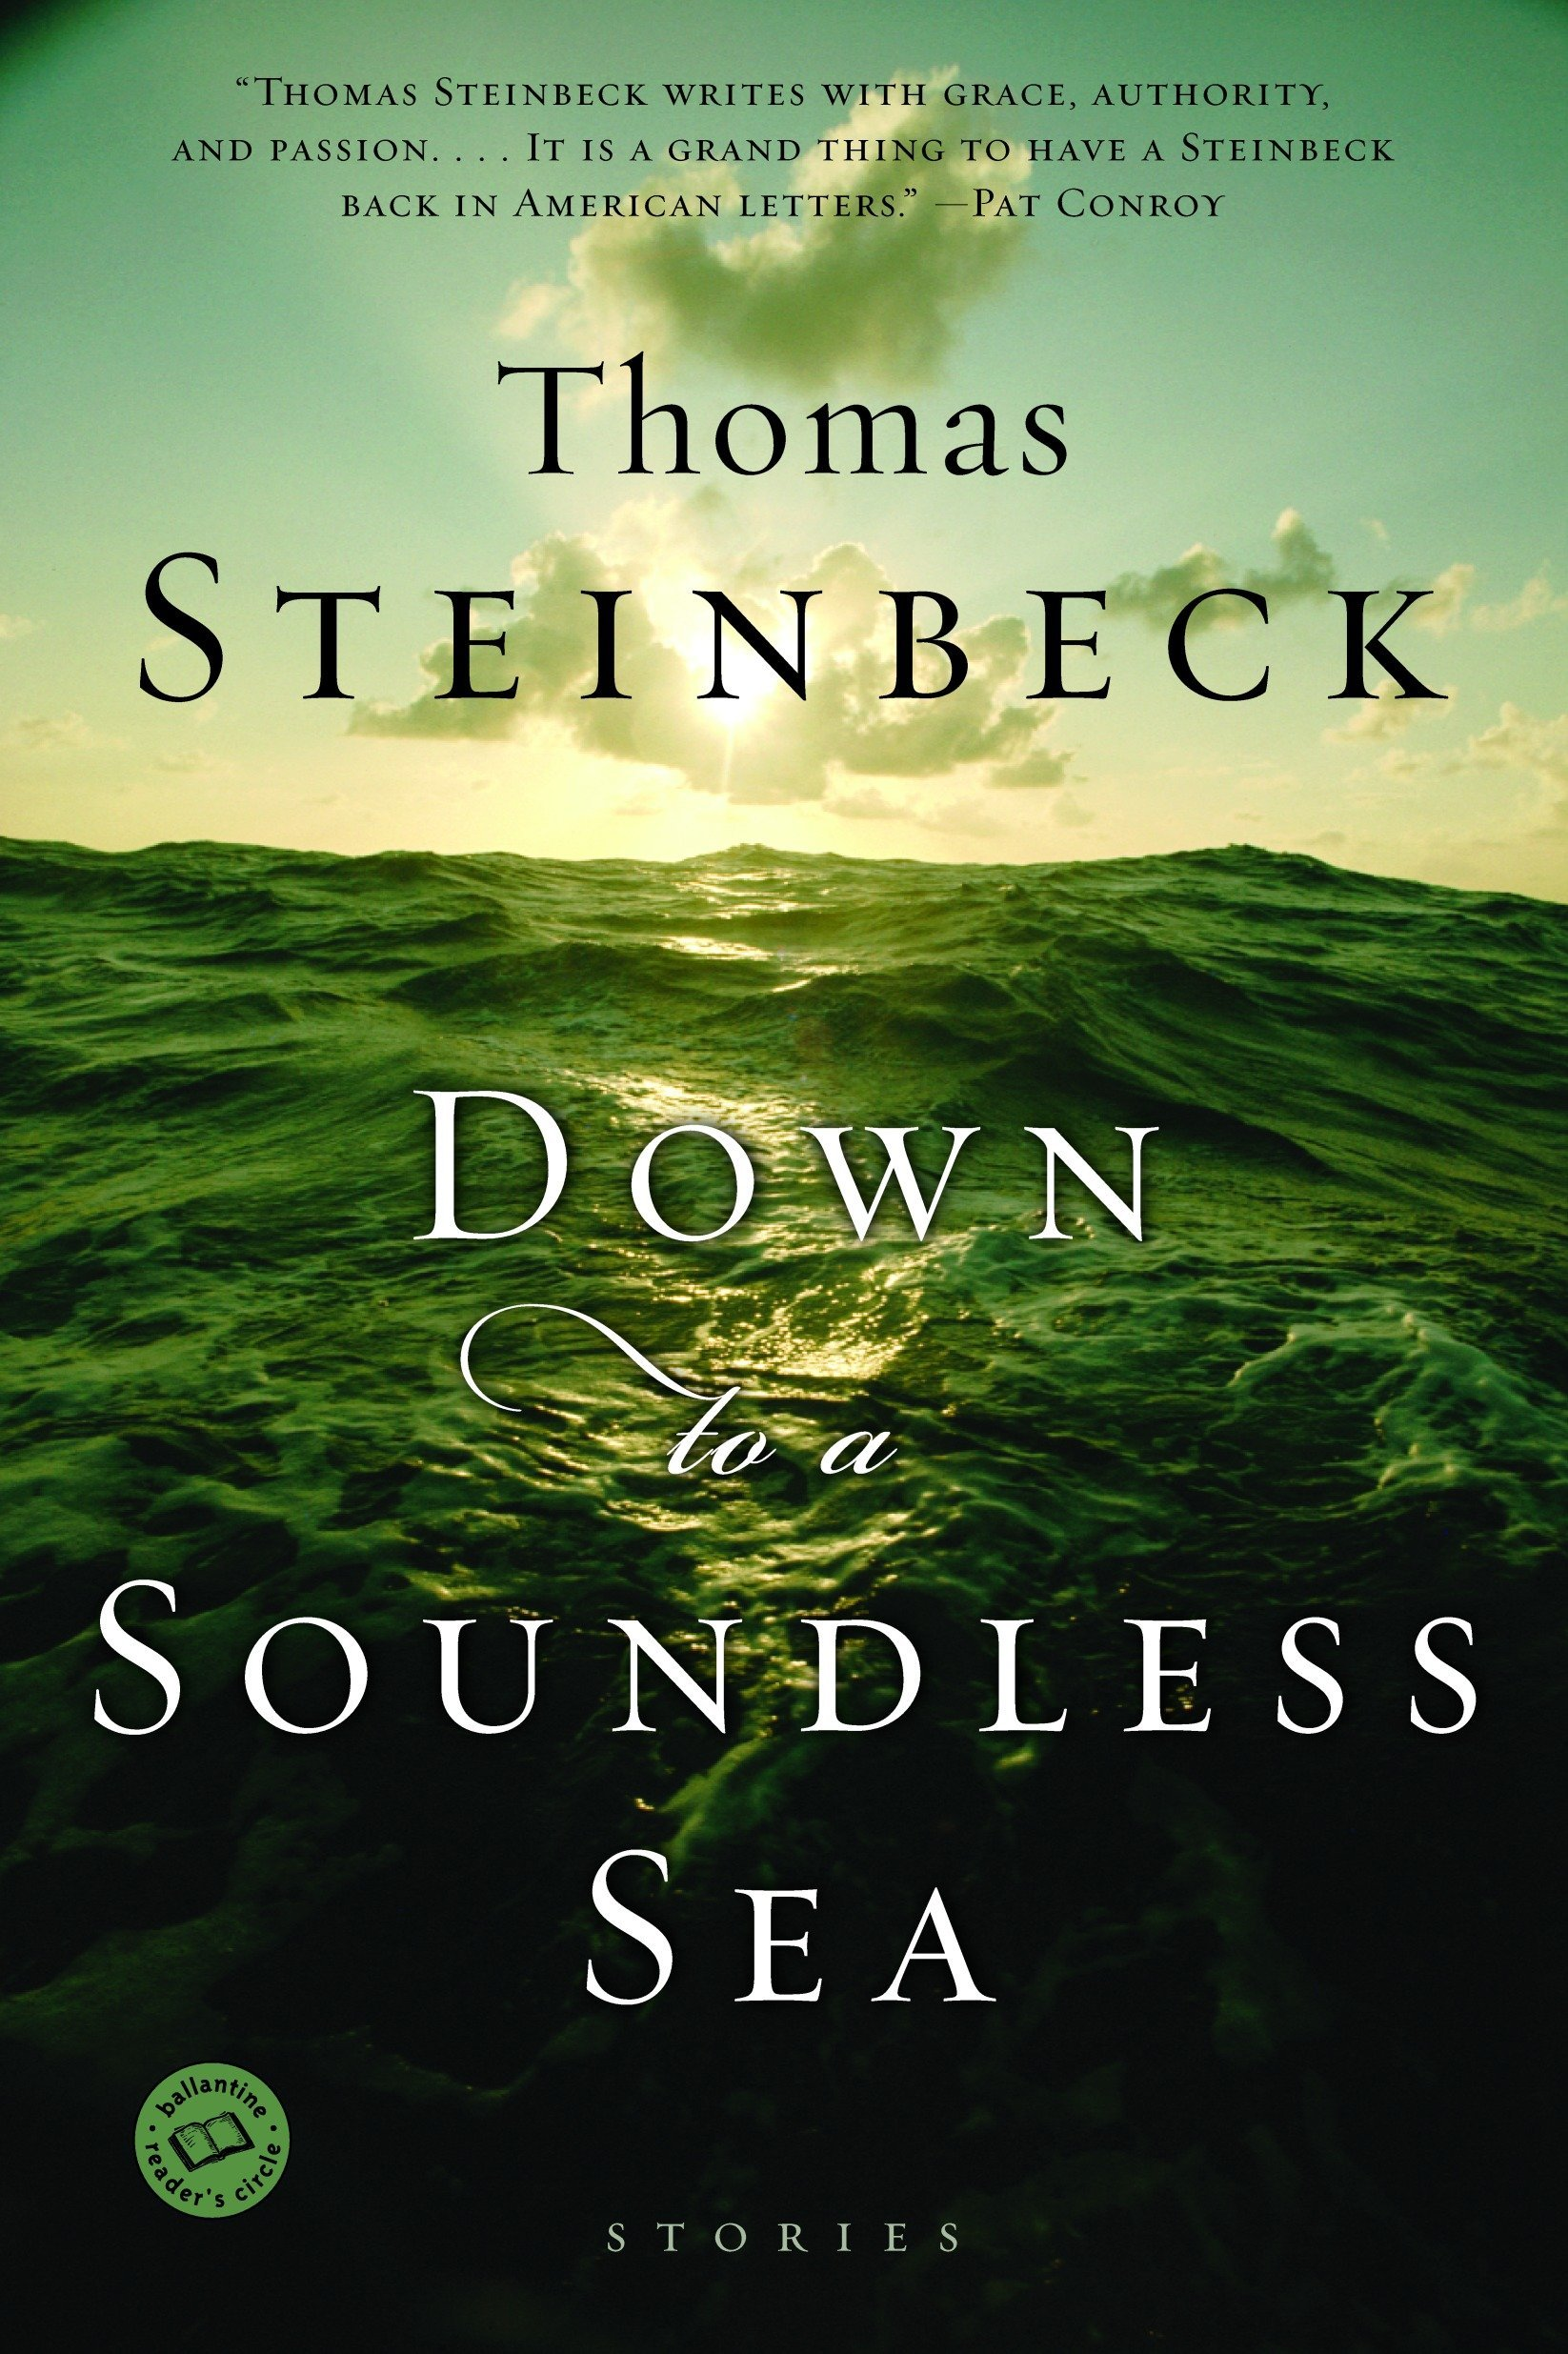 Down to a Soundless Sea: Stories (Ballantine Reader's Circle) pdf